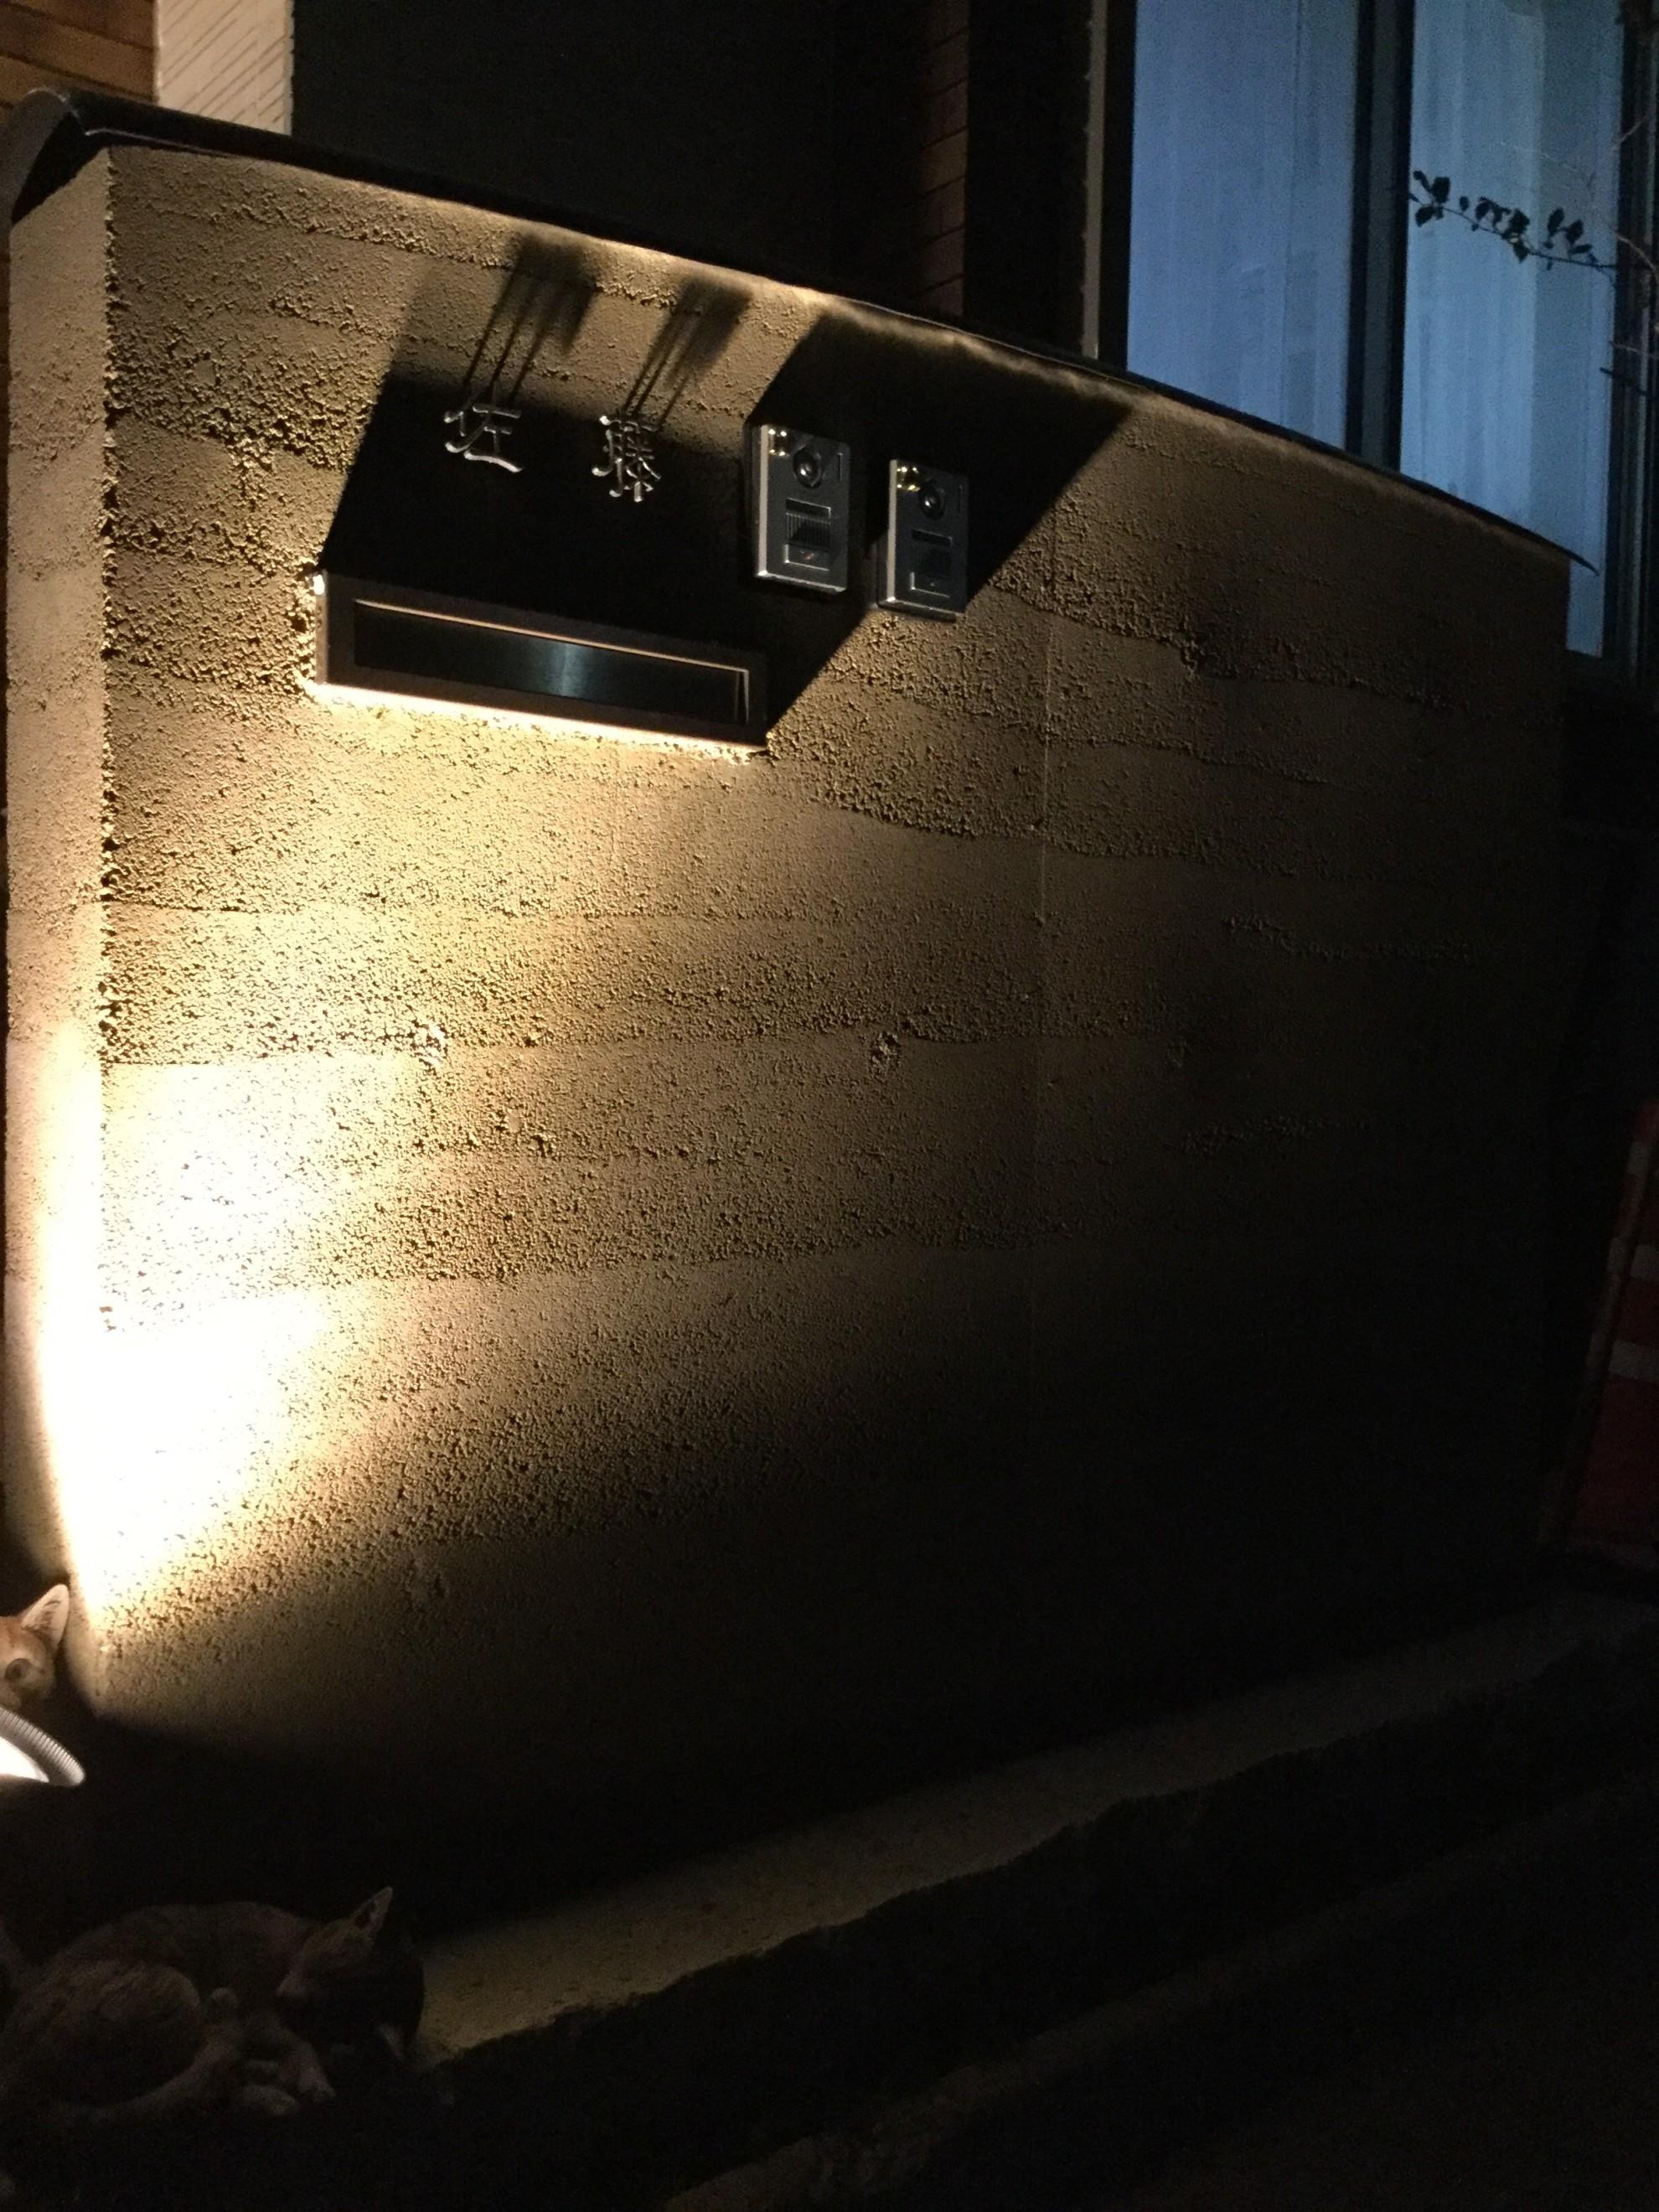 版築塀とアイアン屋根の門柱の庭 埼玉県(三芳町)-11